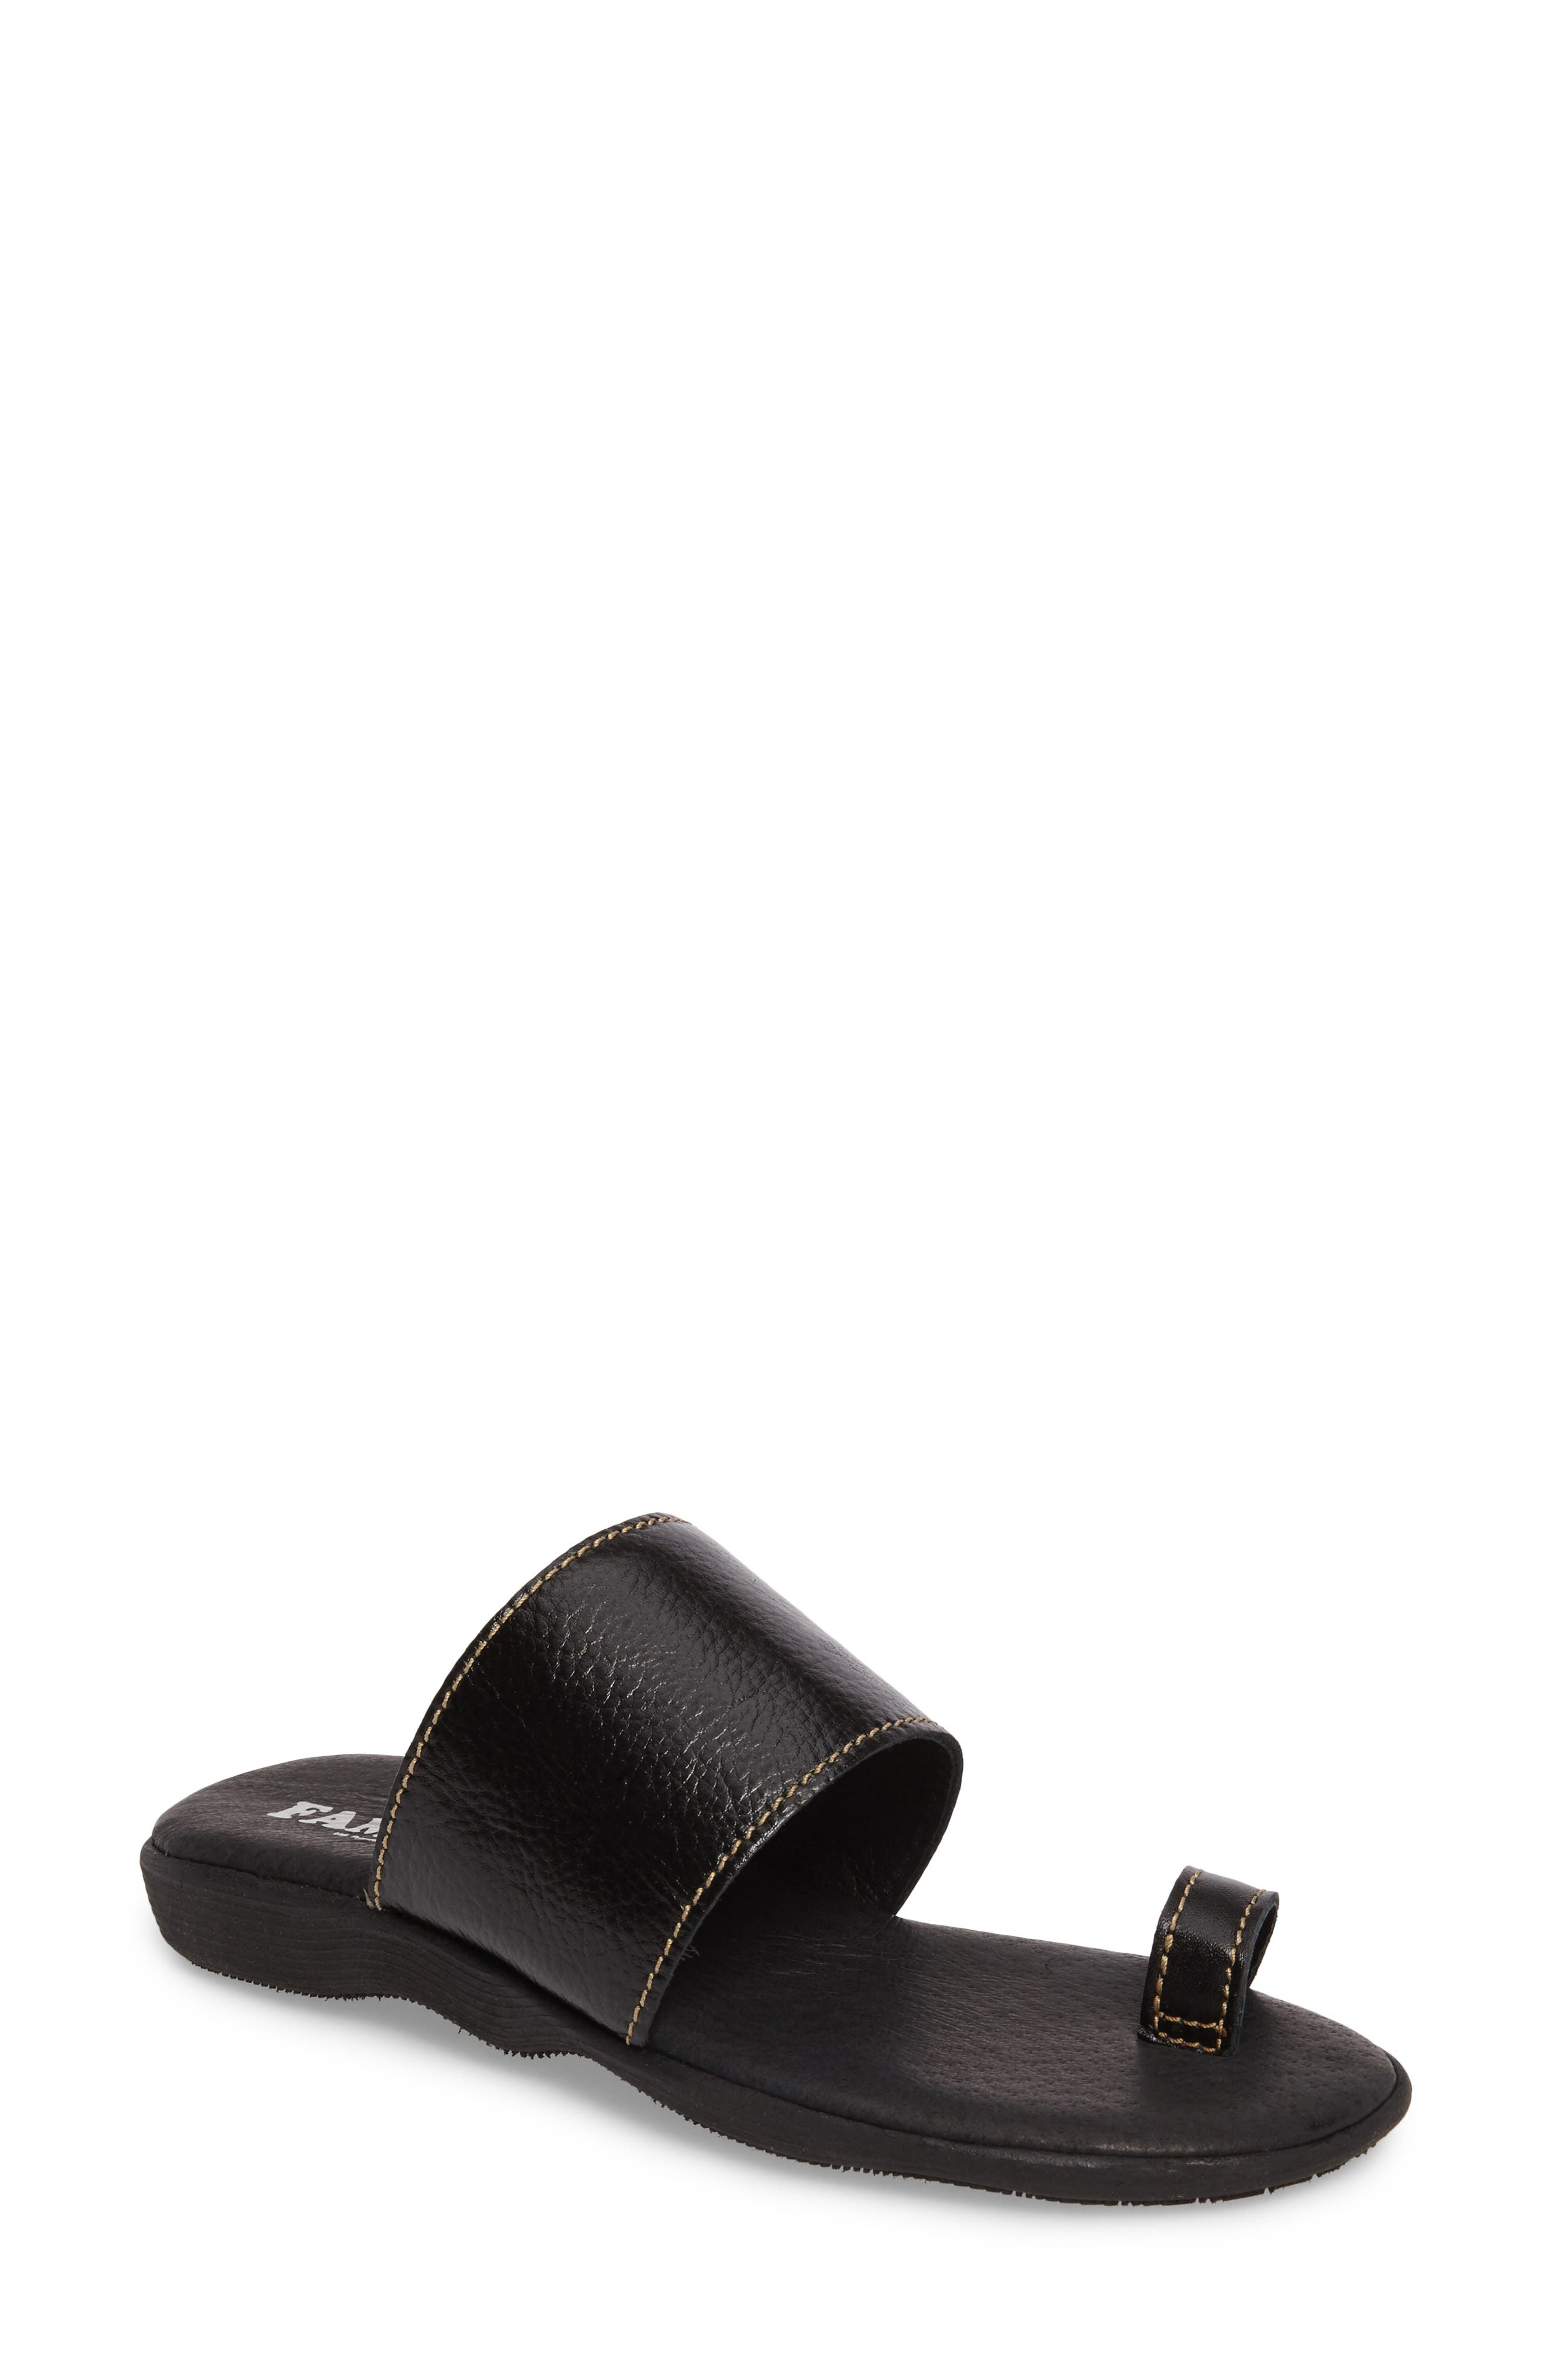 Band & Deliver Toe Loop Slide Sandal,                         Main,                         color, COAL LEATHER